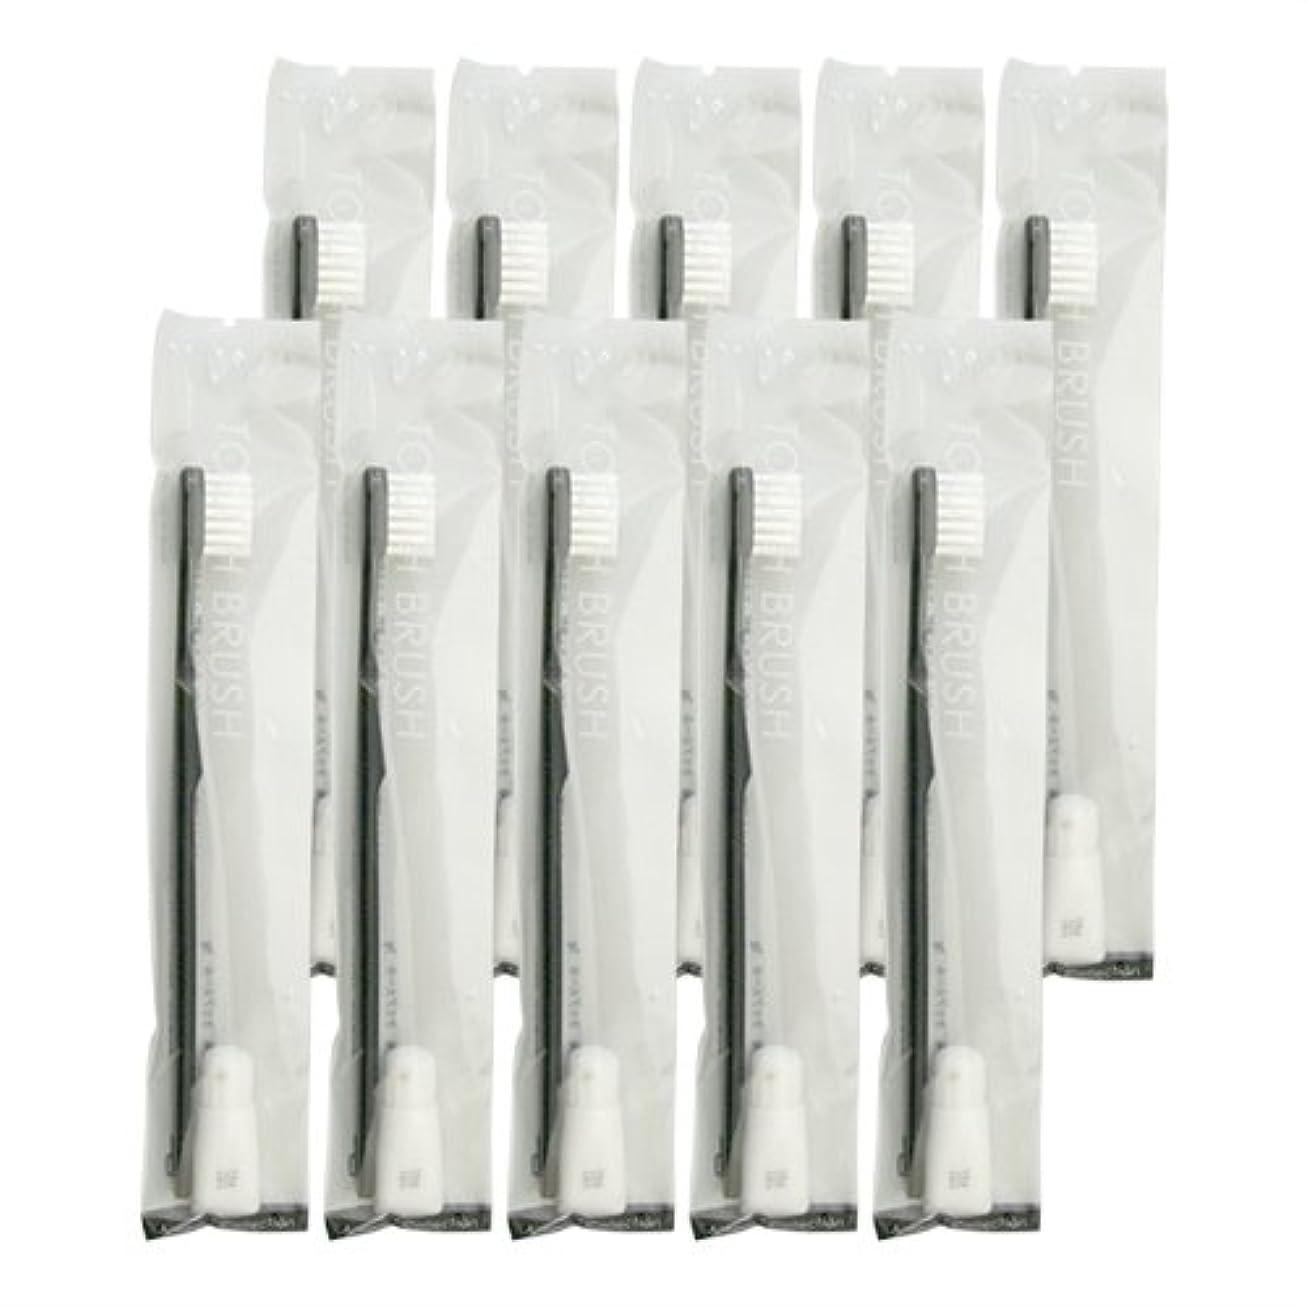 ストローバンケットターミナル業務用 使い捨て歯ブラシ チューブ歯磨き粉(3g)付き ブラック 10本セット│ホテルアメニティ 個包装タイプ